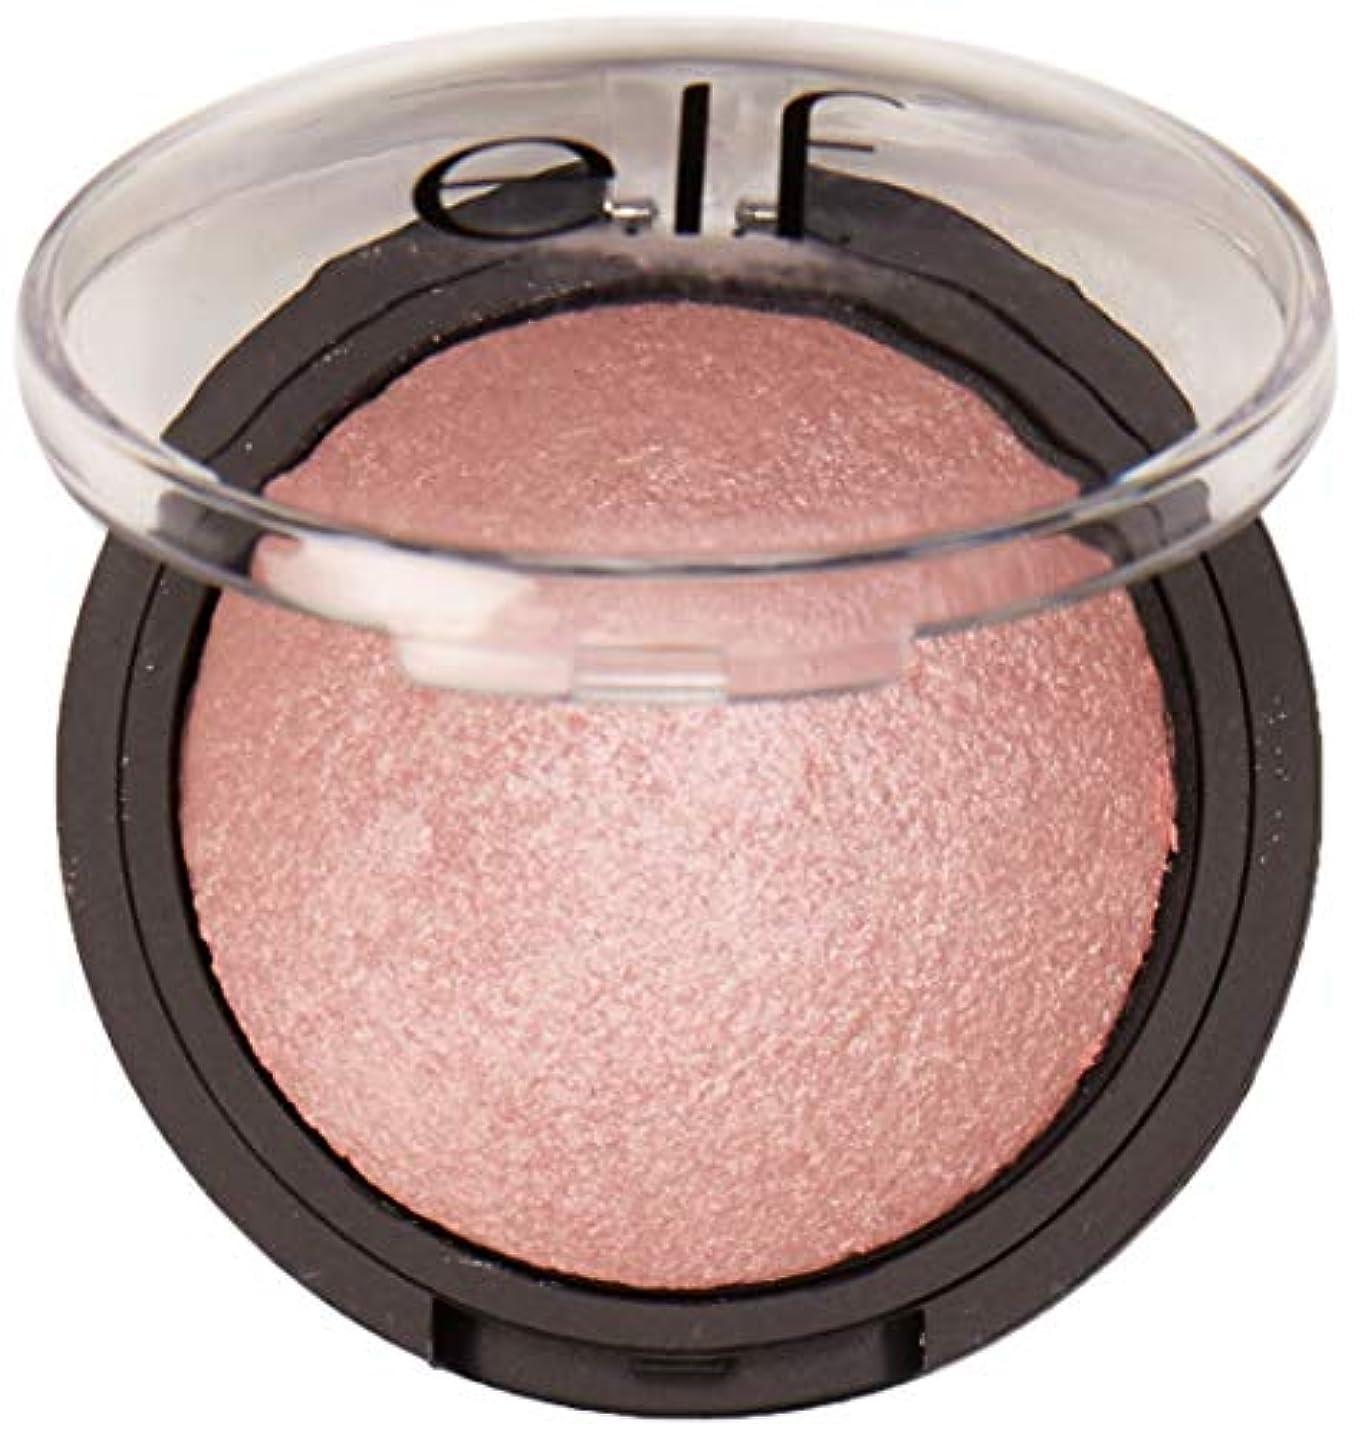 植生パドル飛行機e.l.f. Studio Baked Highlighter - Pink Diamonds(ベイクドハイライター, ピンクダイヤモンド, 0.17 oz 5 g)